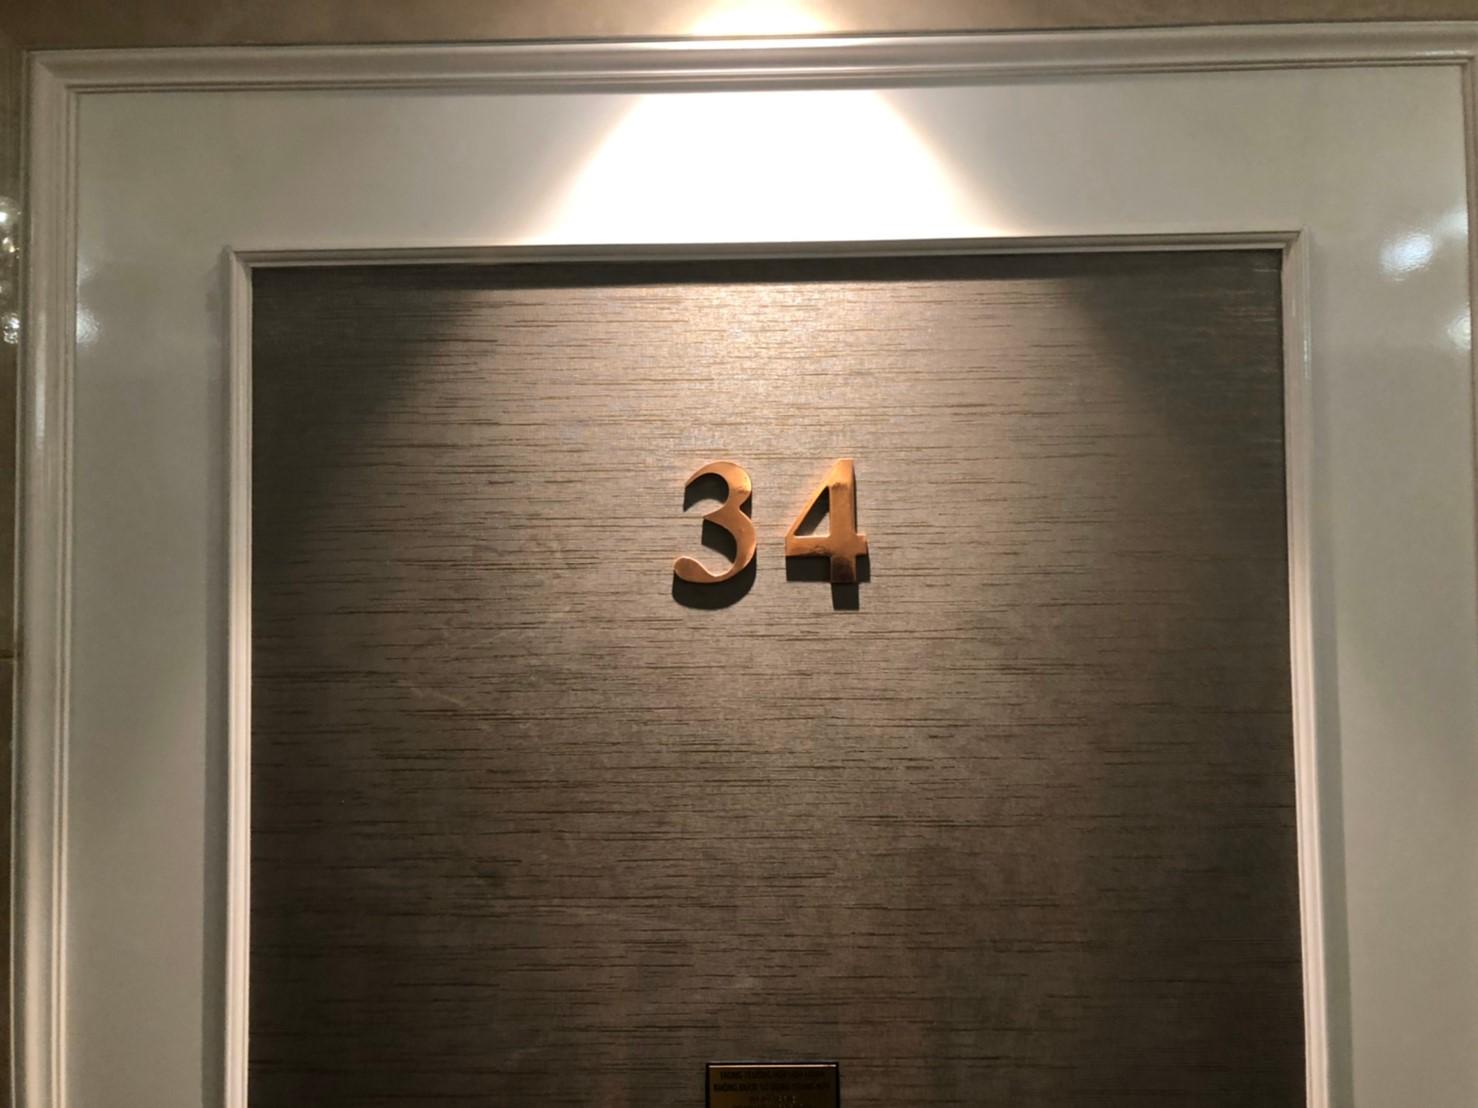 ザレヴェリーサイゴン 部屋の扉